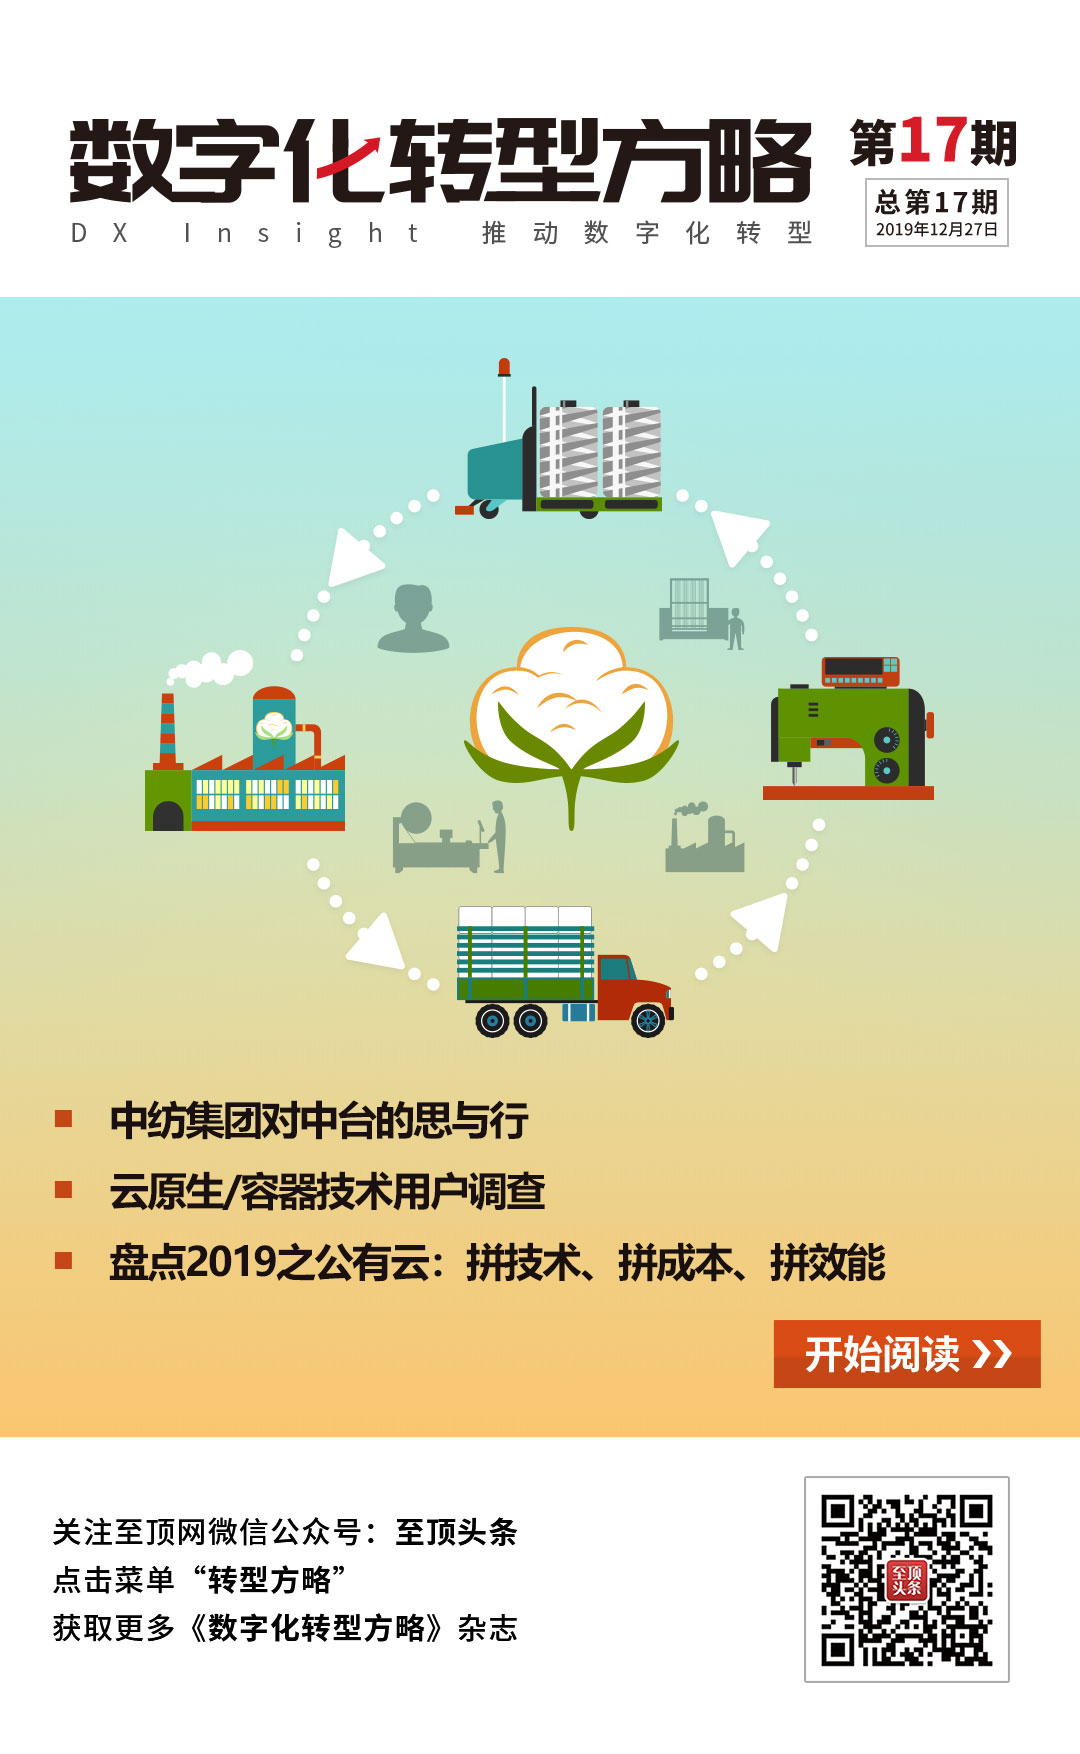 《数字化转型方略》第十七期 - 至顶网